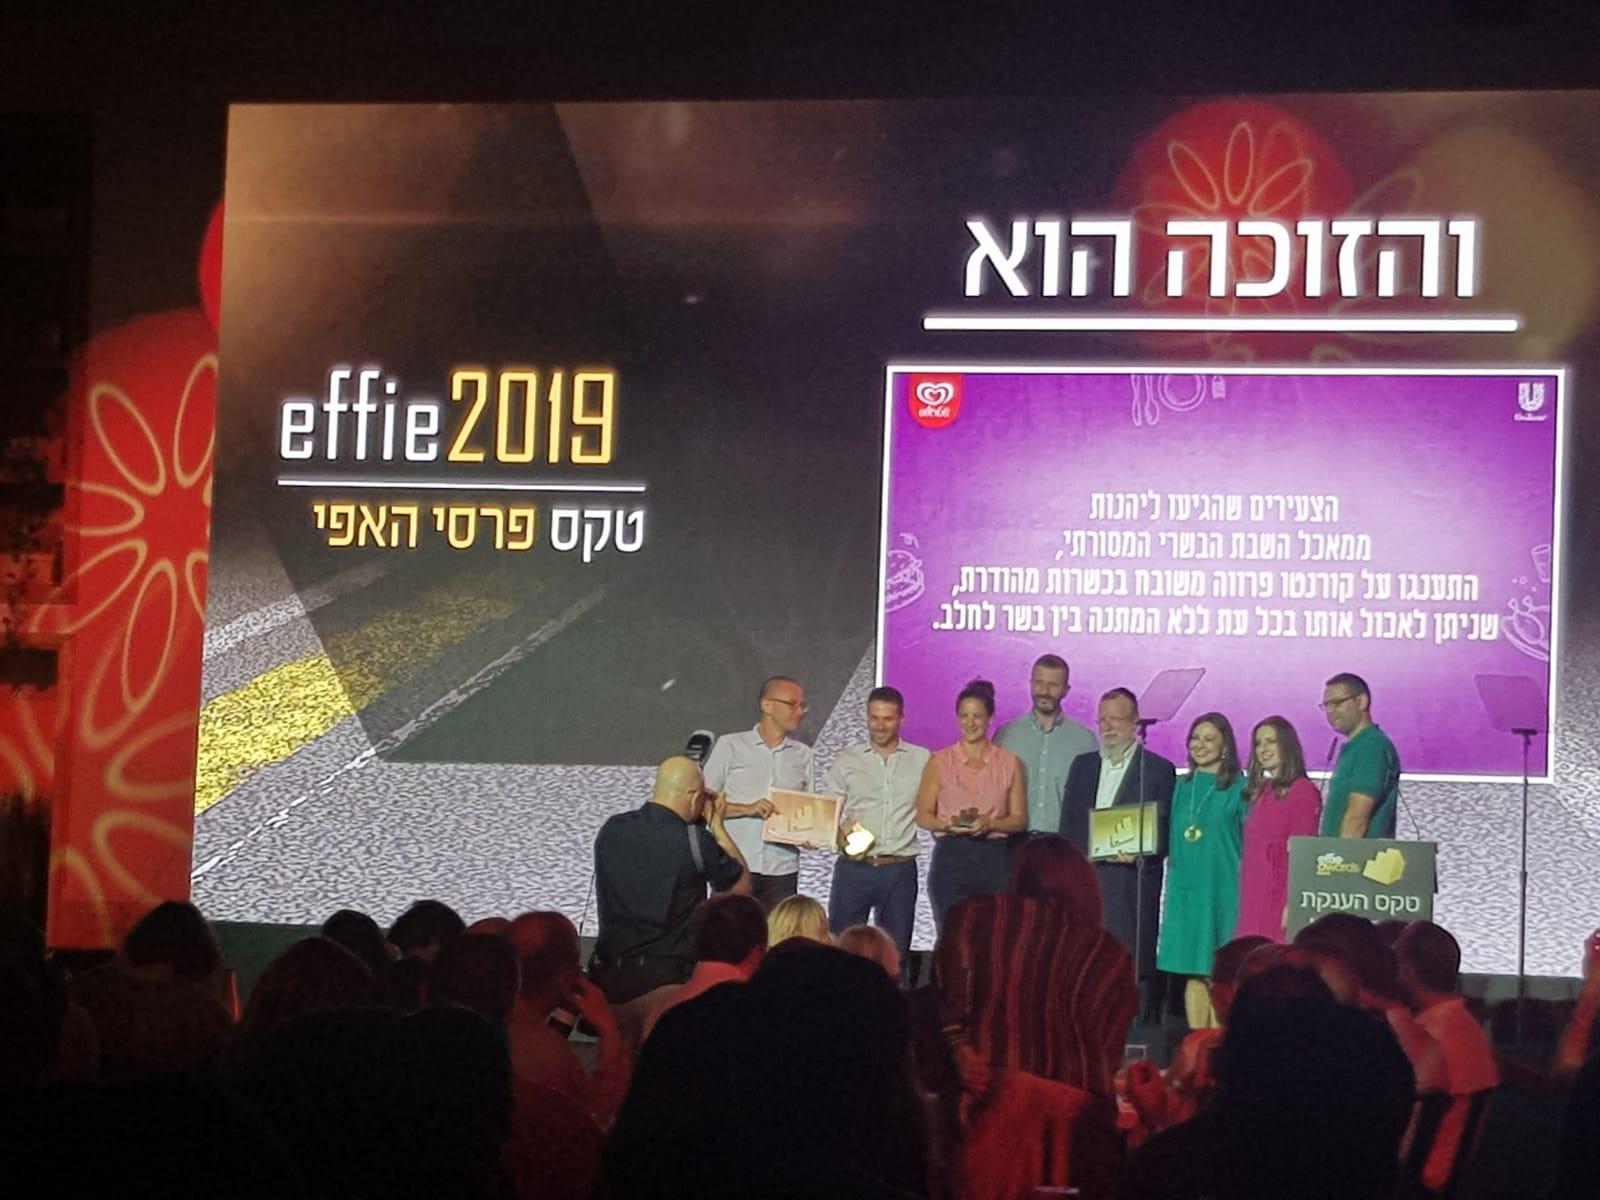 בפעם השניה ברציפות: משרד הפרסום מימד זכה במקום הראשון בקטגוריית מגזרים בתחרות האפי 1